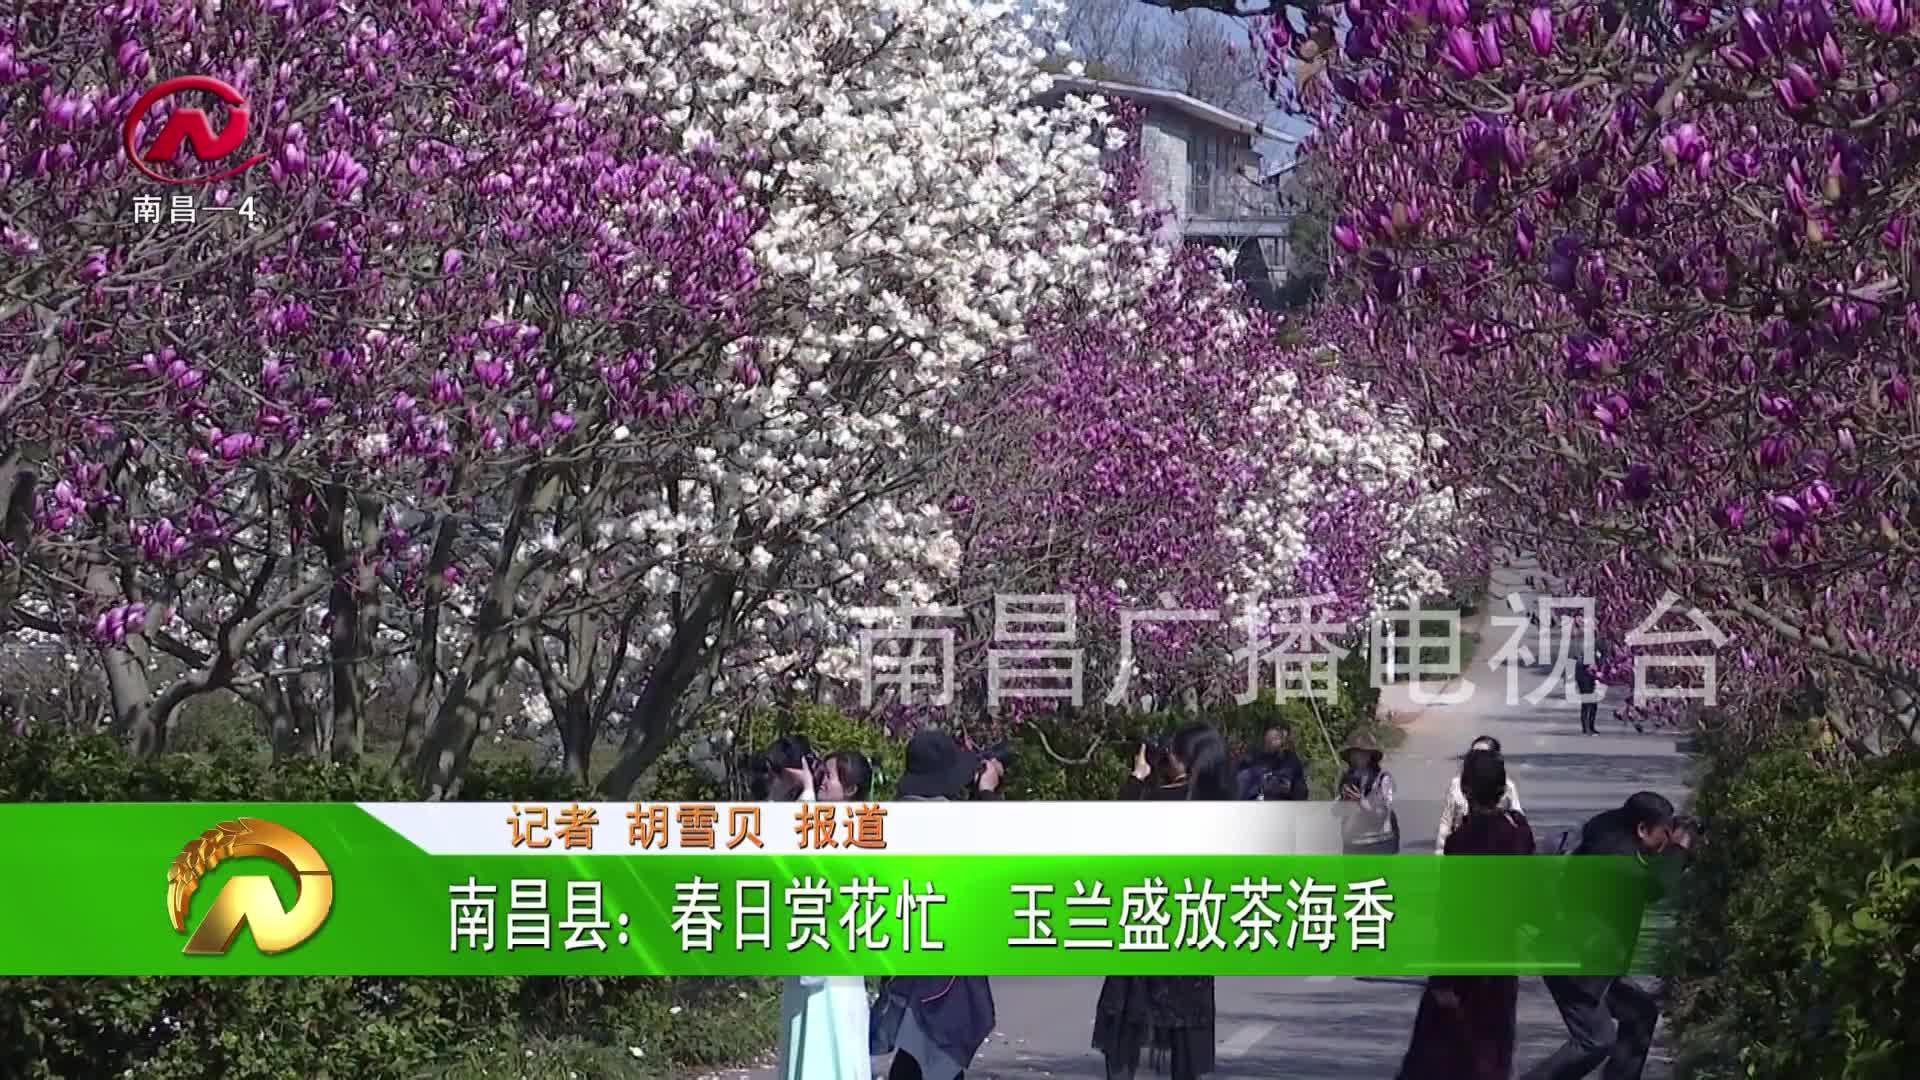 【豫章農視】南昌縣:春日賞花忙  玉蘭盛放茶海香